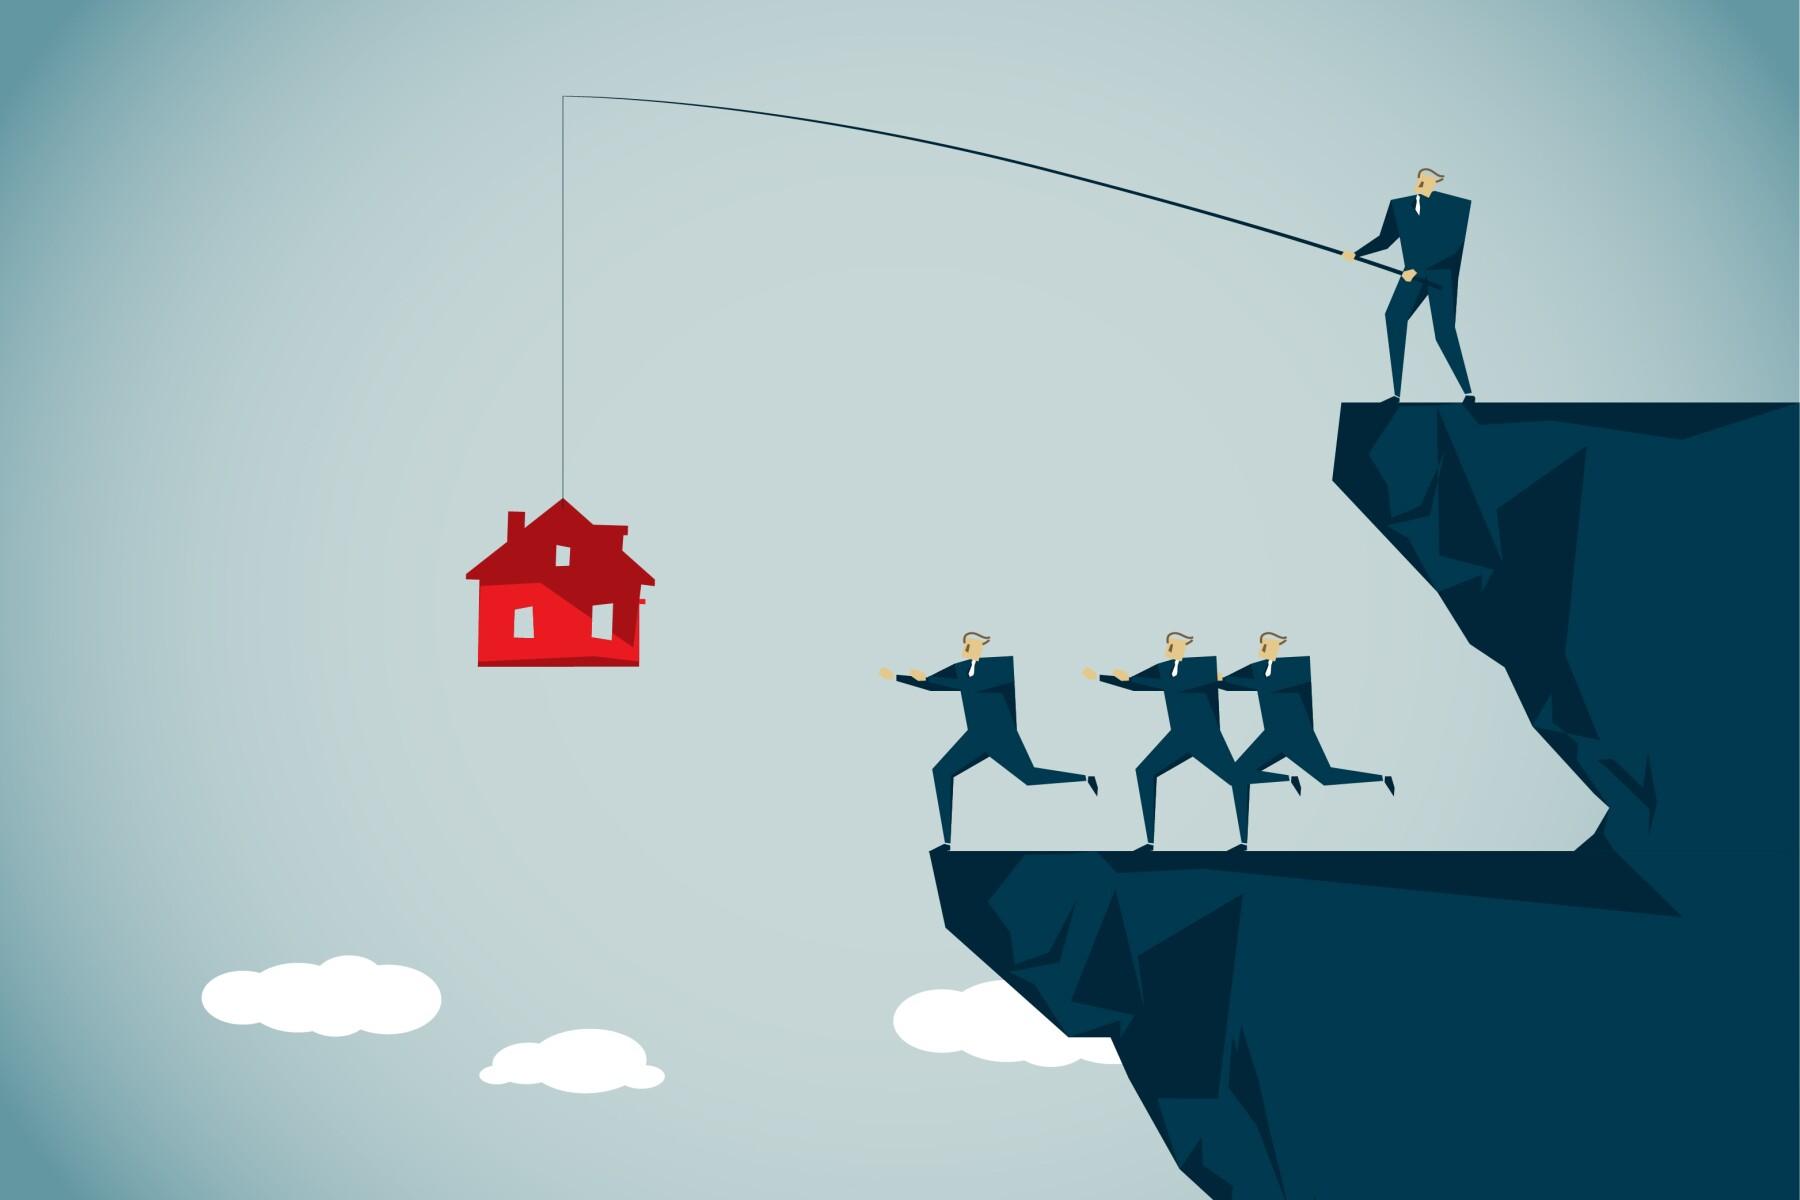 The Housing Market's Evolving Storyline